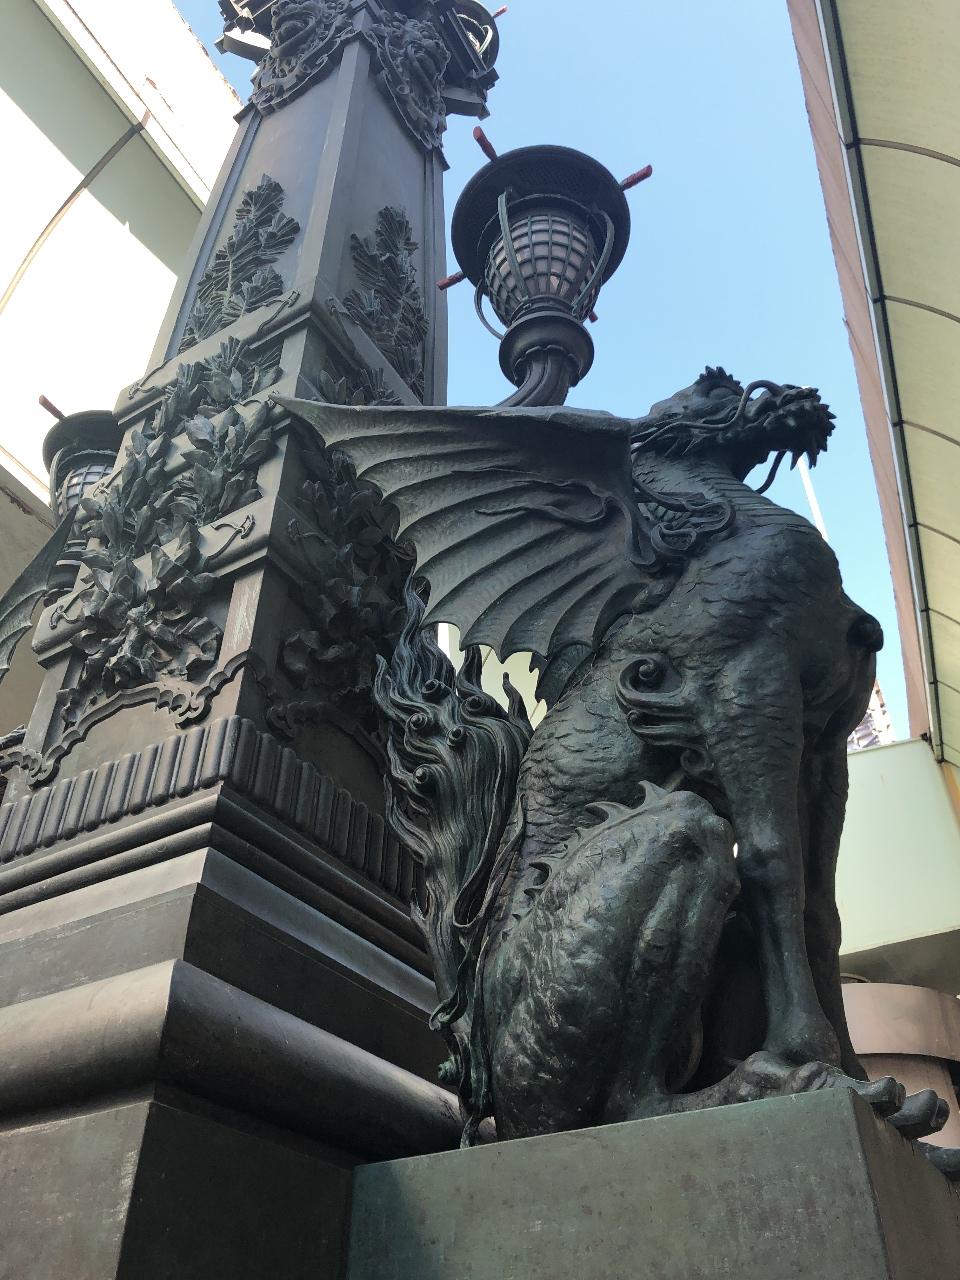 青銅製の麒麟像(キリン像)